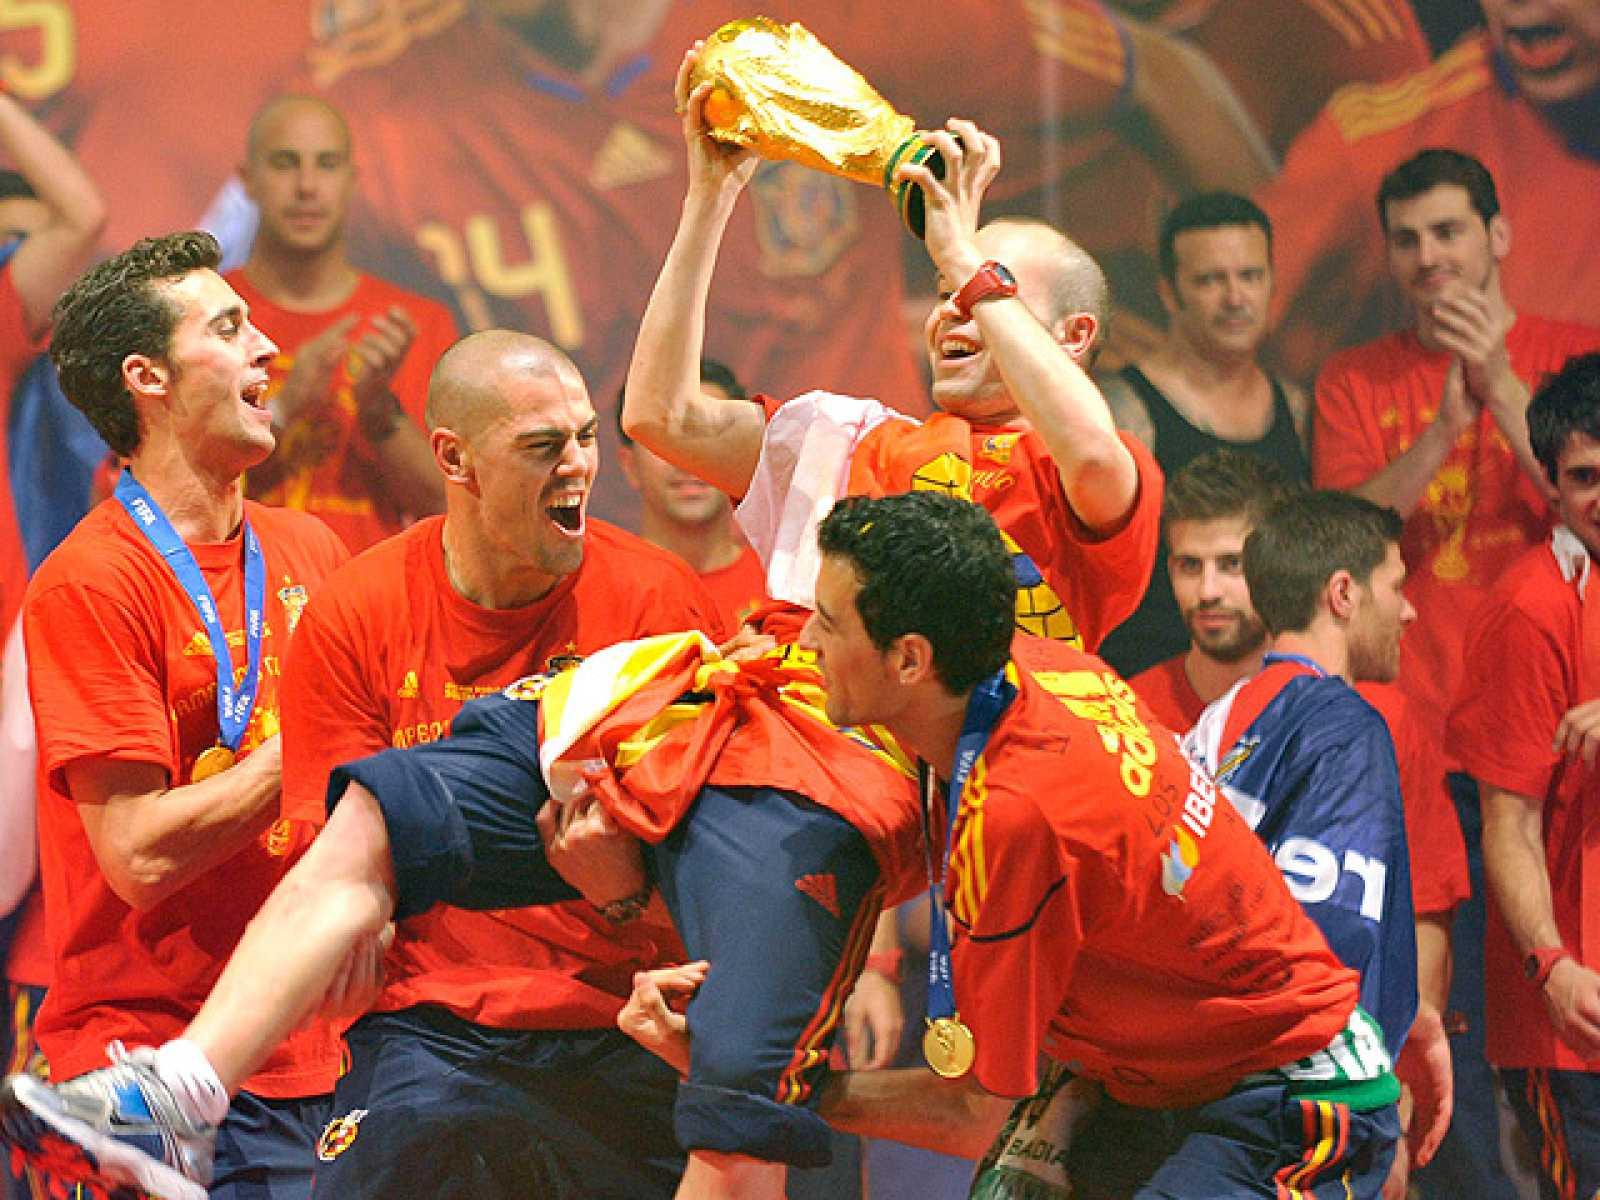 De nuevo el show de Reina ha sido el punto culminante de la celebración de de la selección española. Ya lo hizo con la Eurocopa y ahora repite con el Mundial. En el escenario, Iniesta fue uno de los más aclamados y fue manteado por sus compañeros. Me